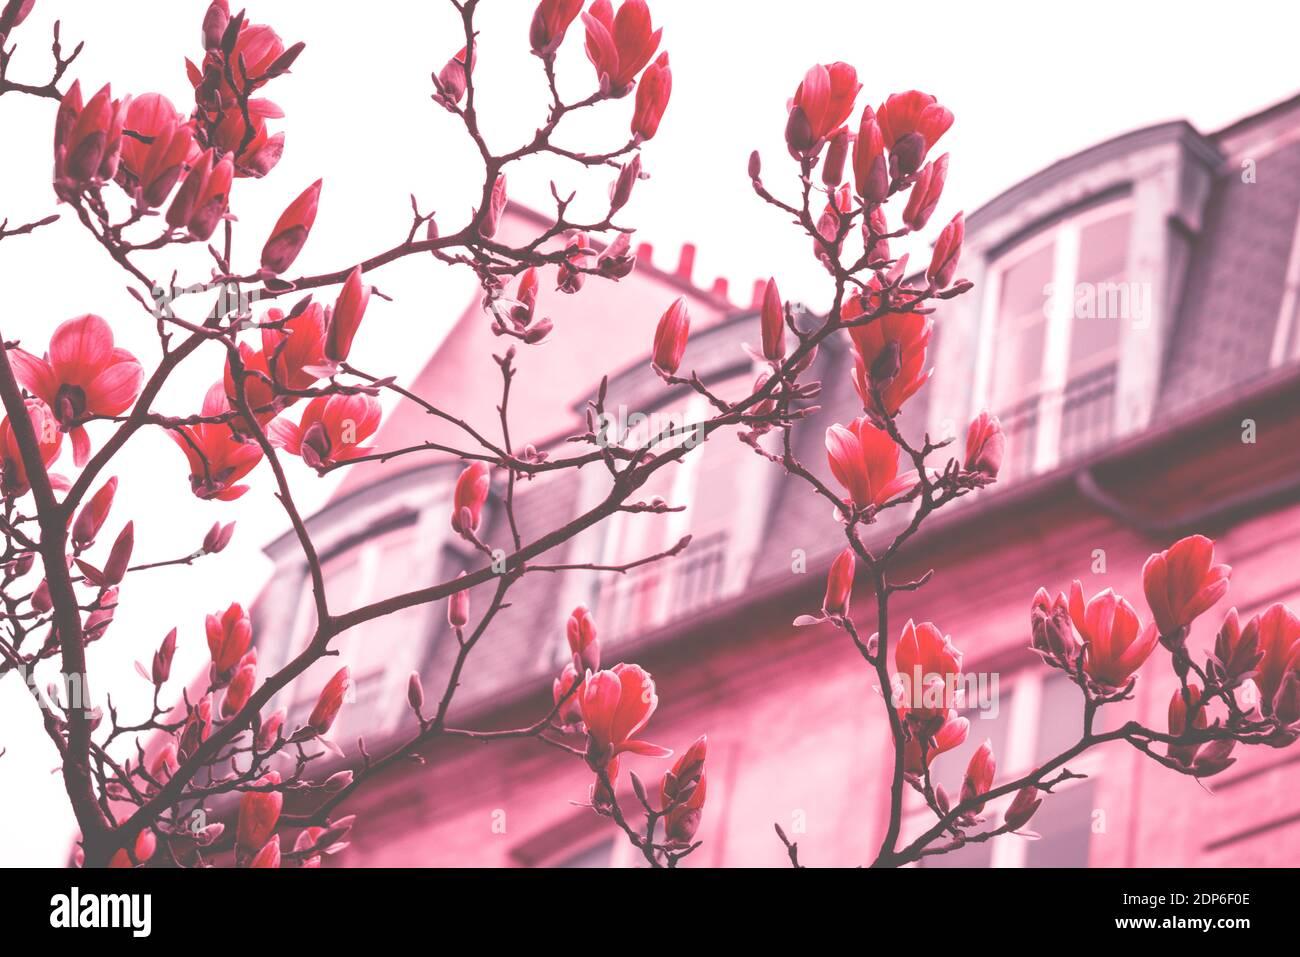 Printemps à Paris. Le magnolia fleuri et un bâtiment typiquement parisien avec un mansarde en arrière-plan. Concept de vacances romantiques. Ton rêveur vintage Banque D'Images